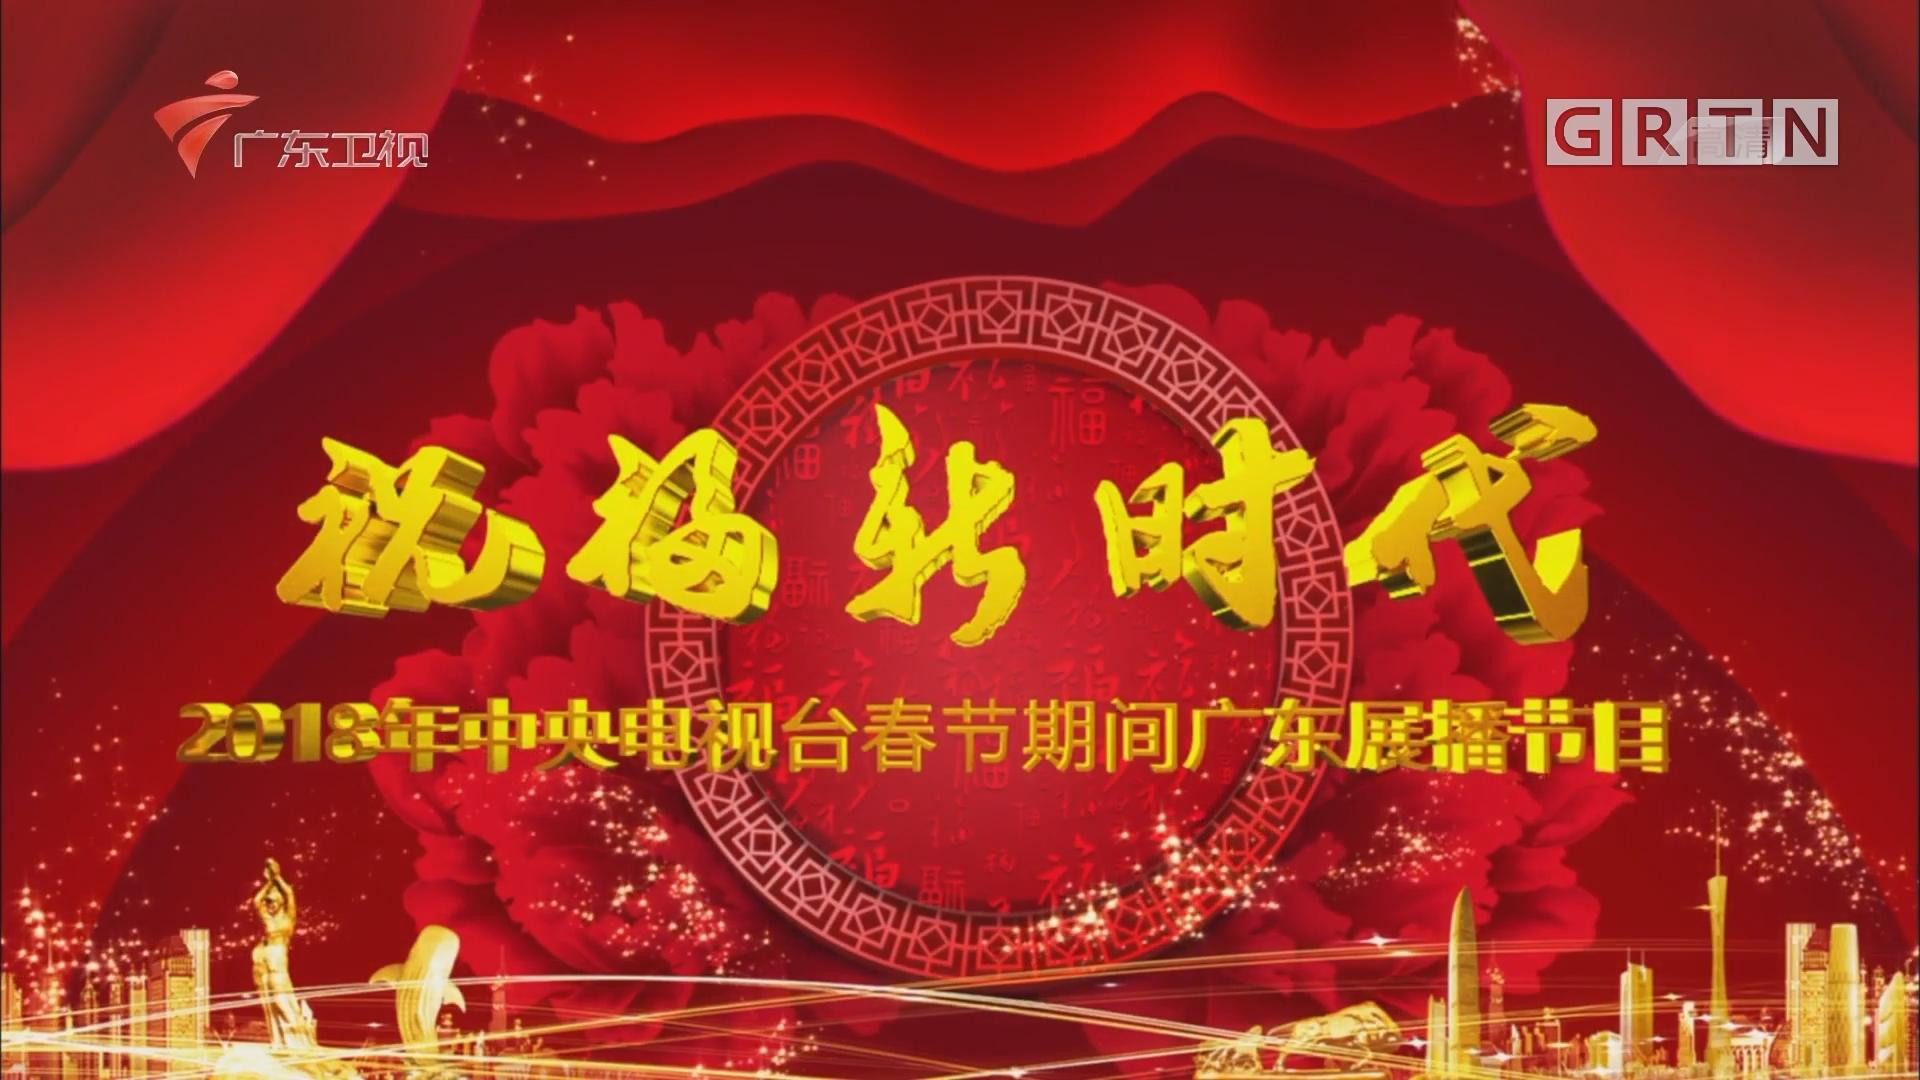 [HD][2018-02-16]祝福新时代——2018年中央电视台春节期间广东展播节目